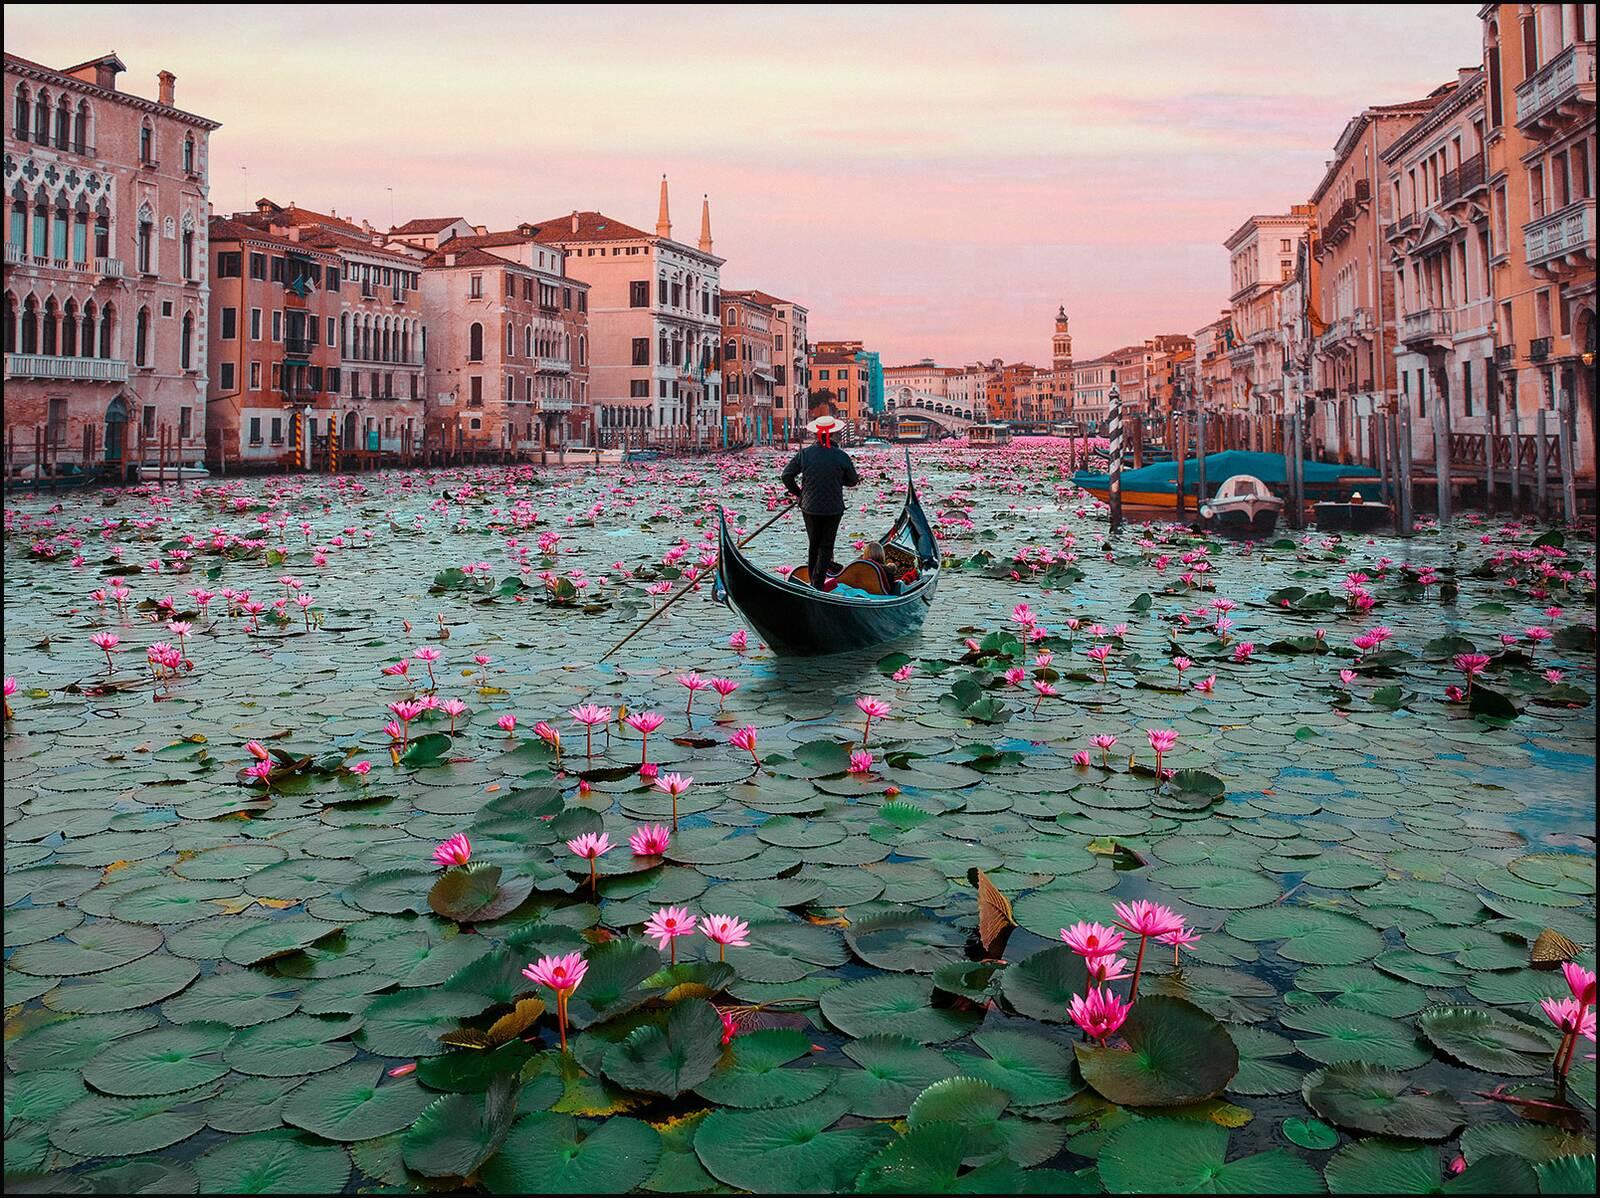 لمحة تاريخية عن مدينة البندقية - تاريخ مدينة البندقية منذ النشوء حتى الإدرهار والسقوط - المدينة الإطالية المشهورة بقنواتها المائية